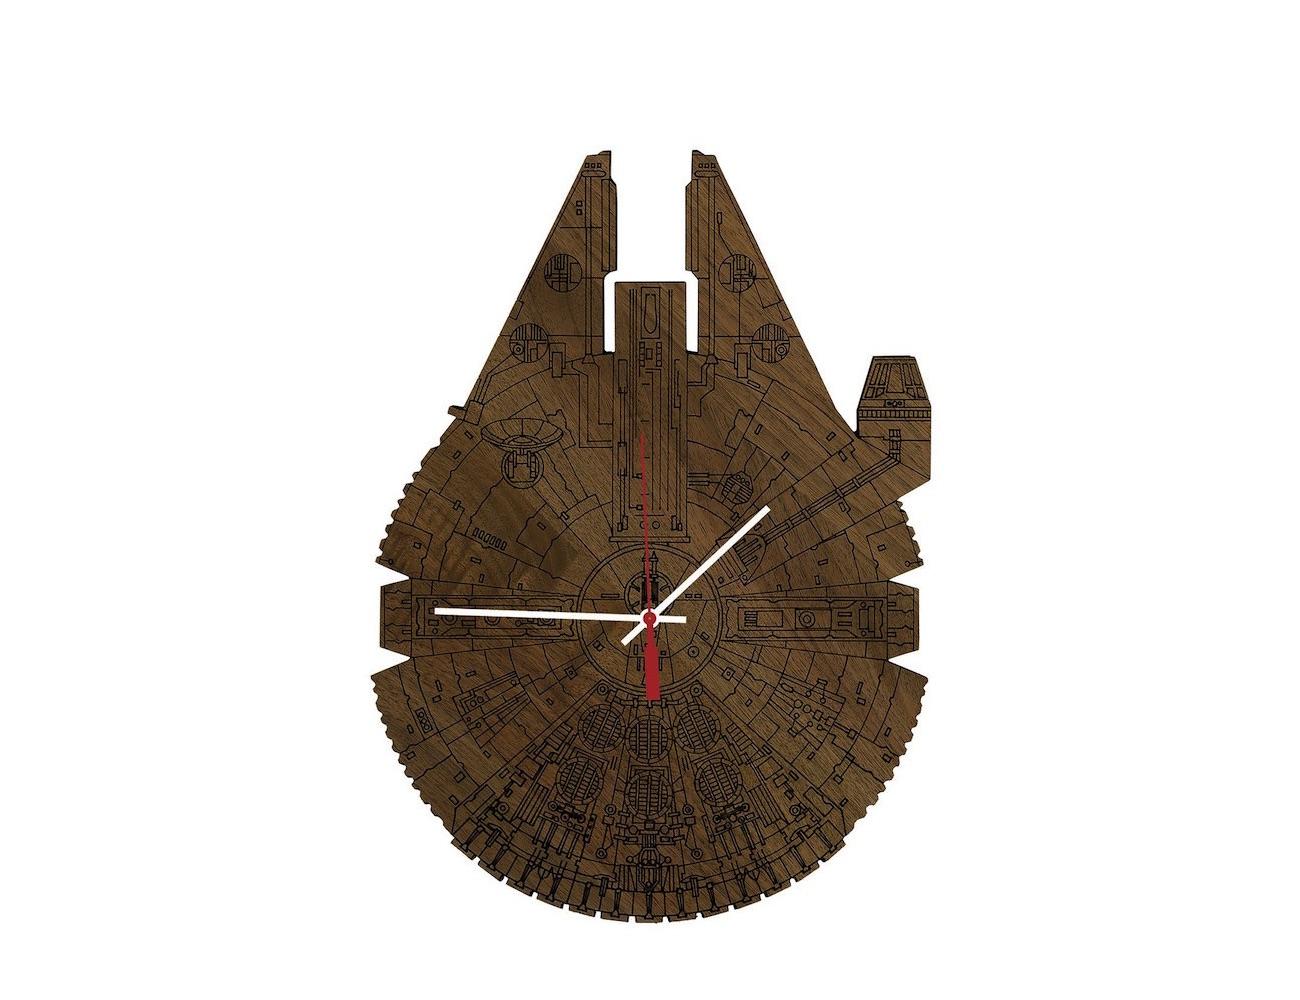 star-wars-millennium-falcon-wood-wall-clock-02